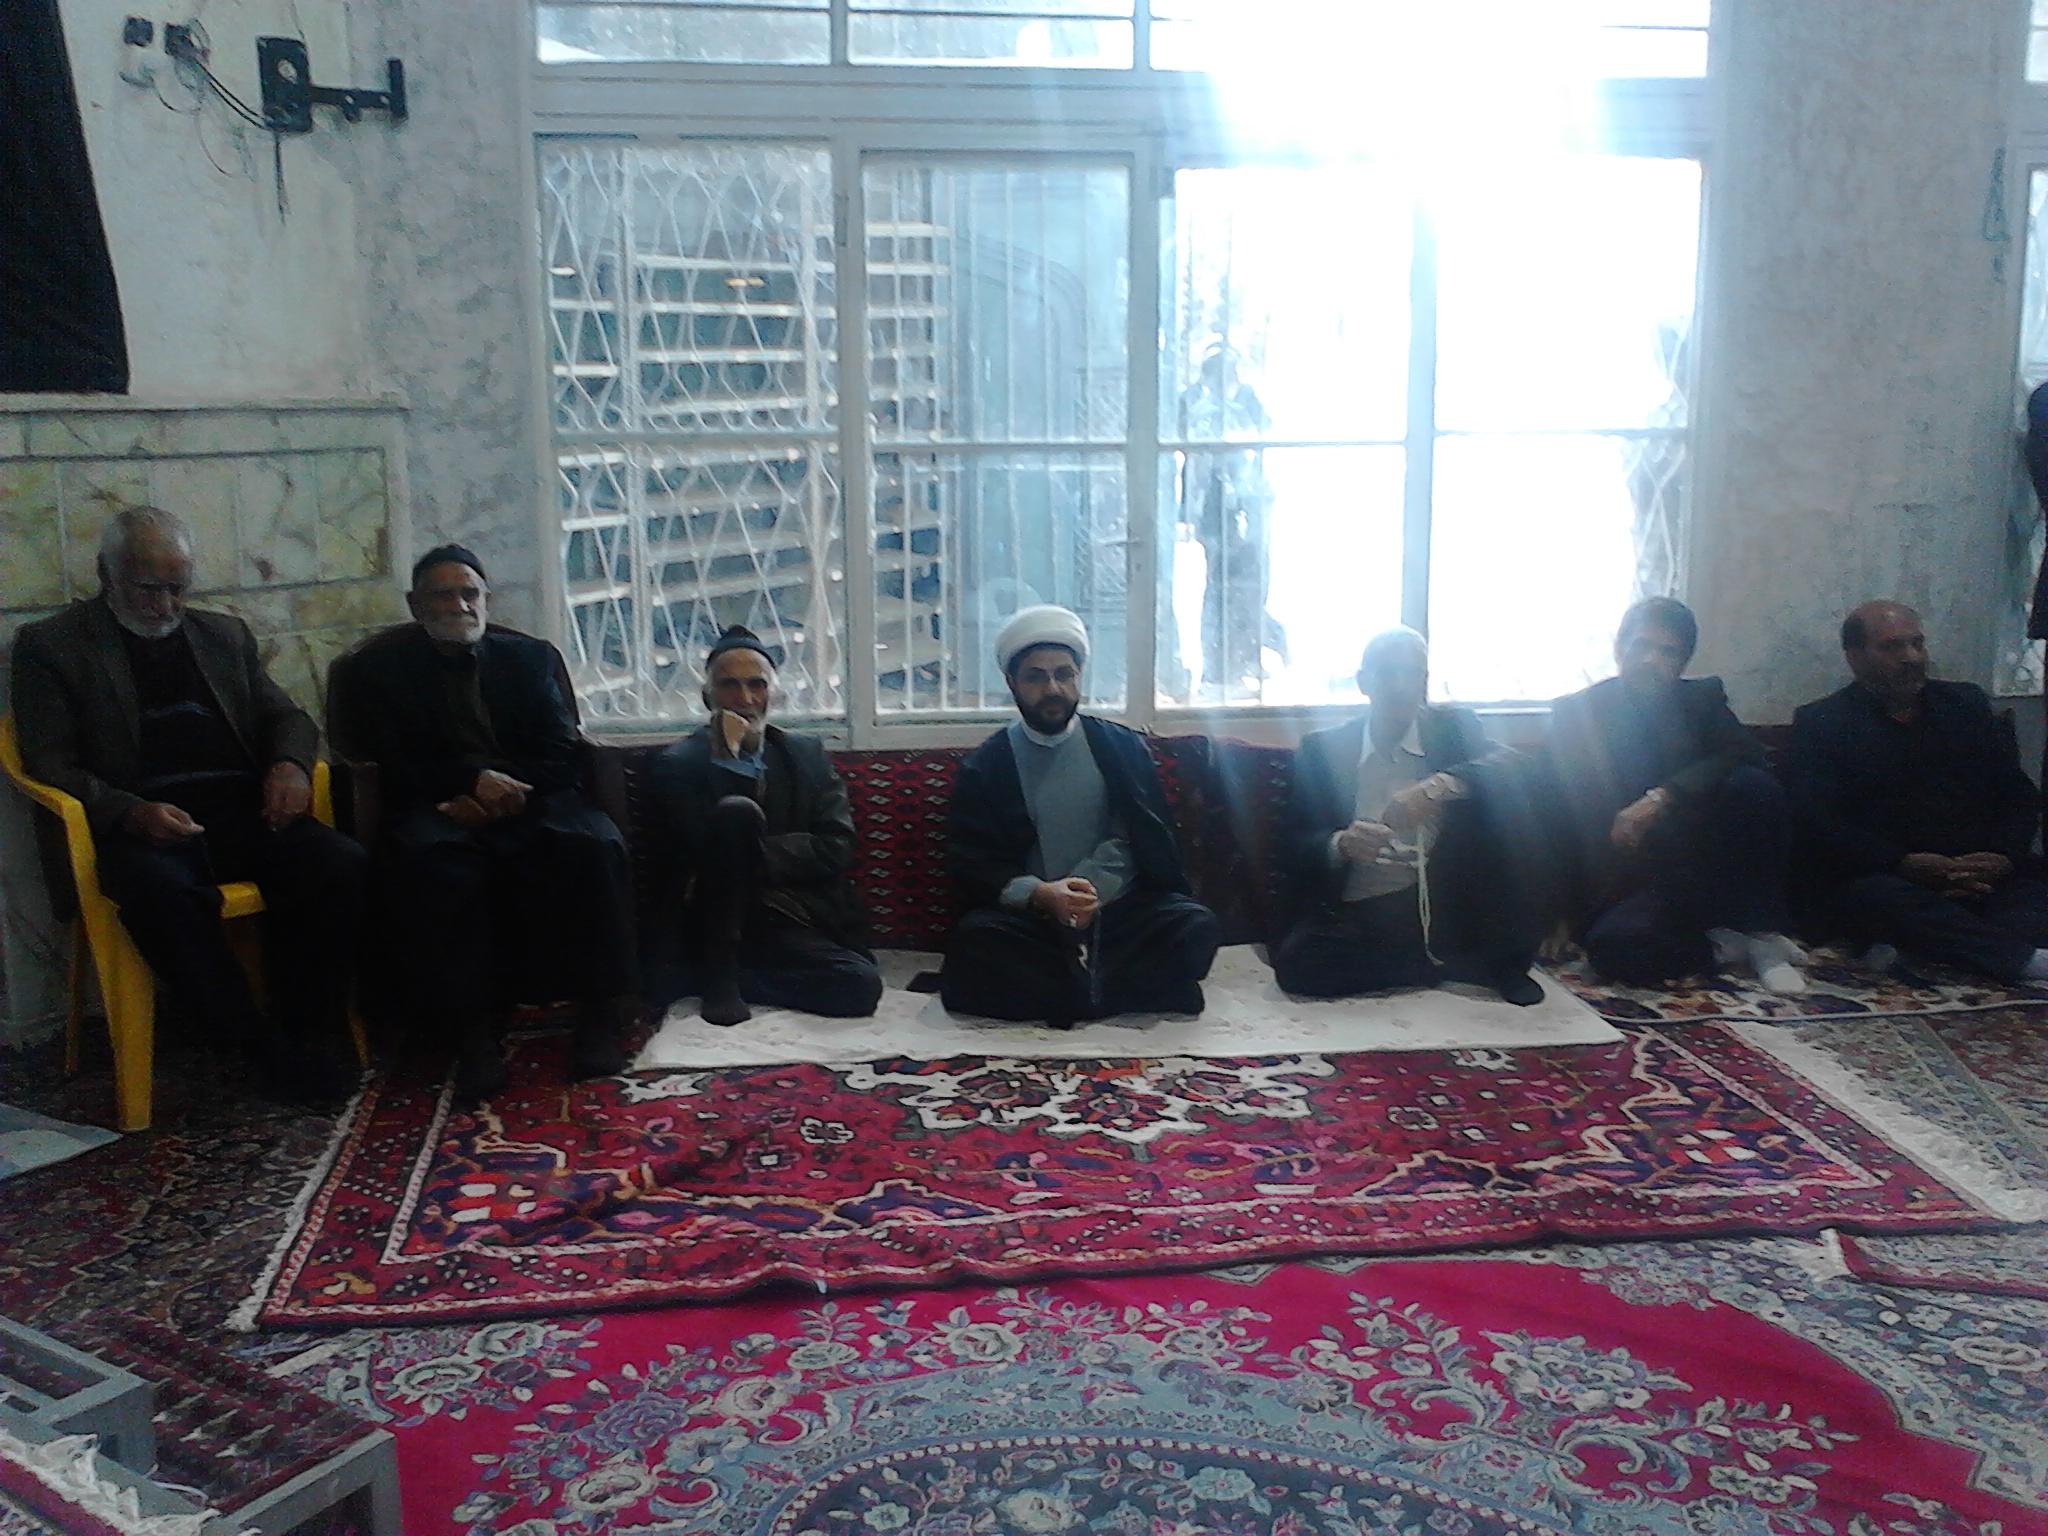 حضور امام جمعه محترم در مراسم ترحیم حاجیه خانم حشمت در مسجد بلال قهدریجان